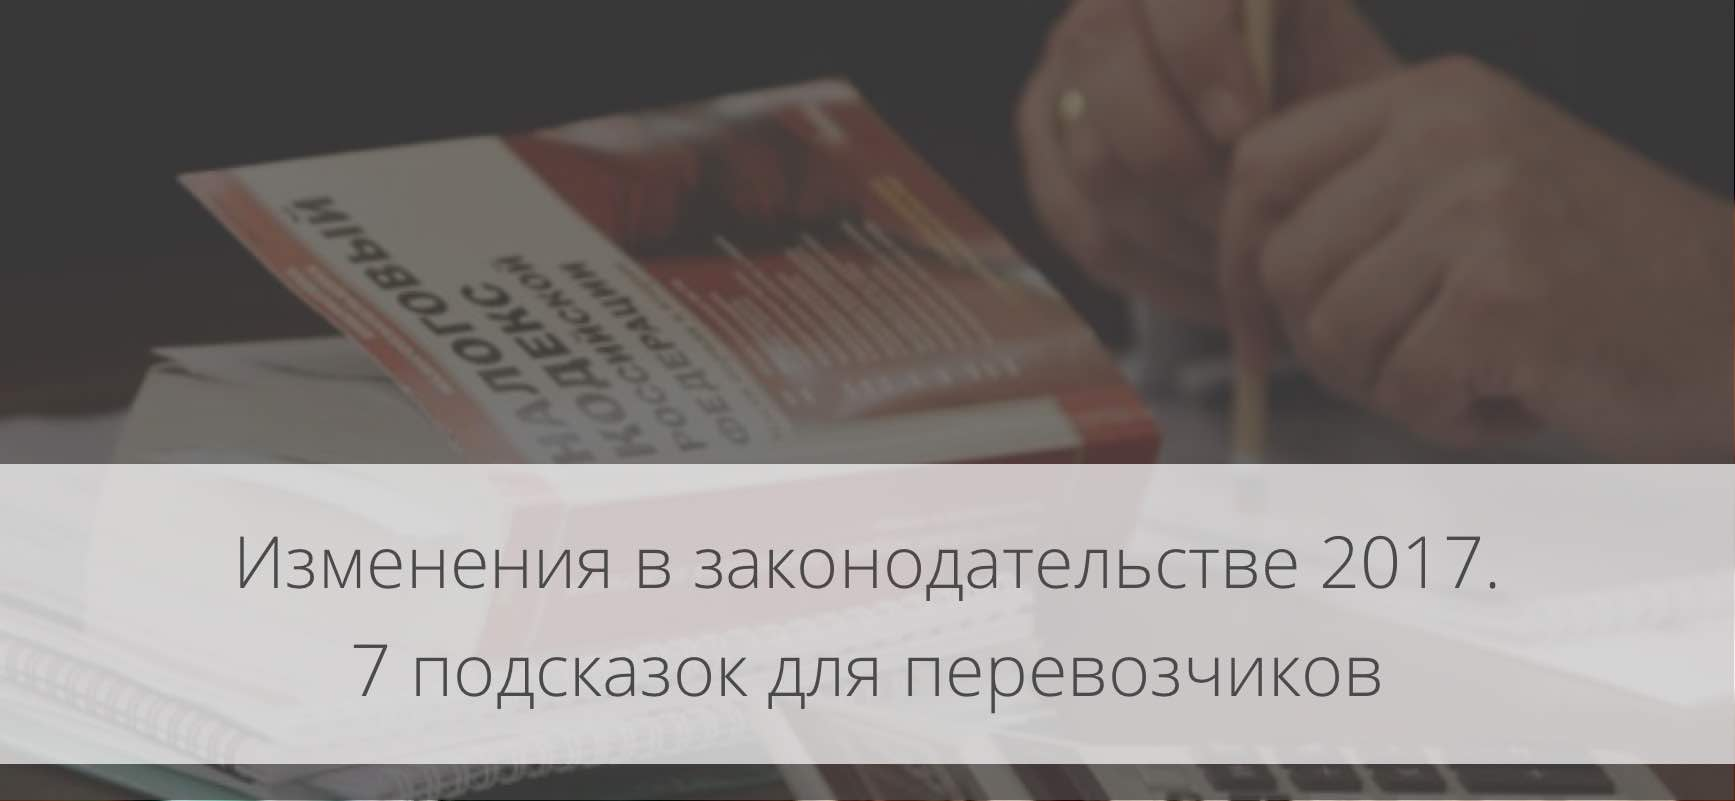 изменения в законодательстве россии для перевозчиков дорожный сбор, транспортный налог, страховые взносы, УСН, ЕНВД